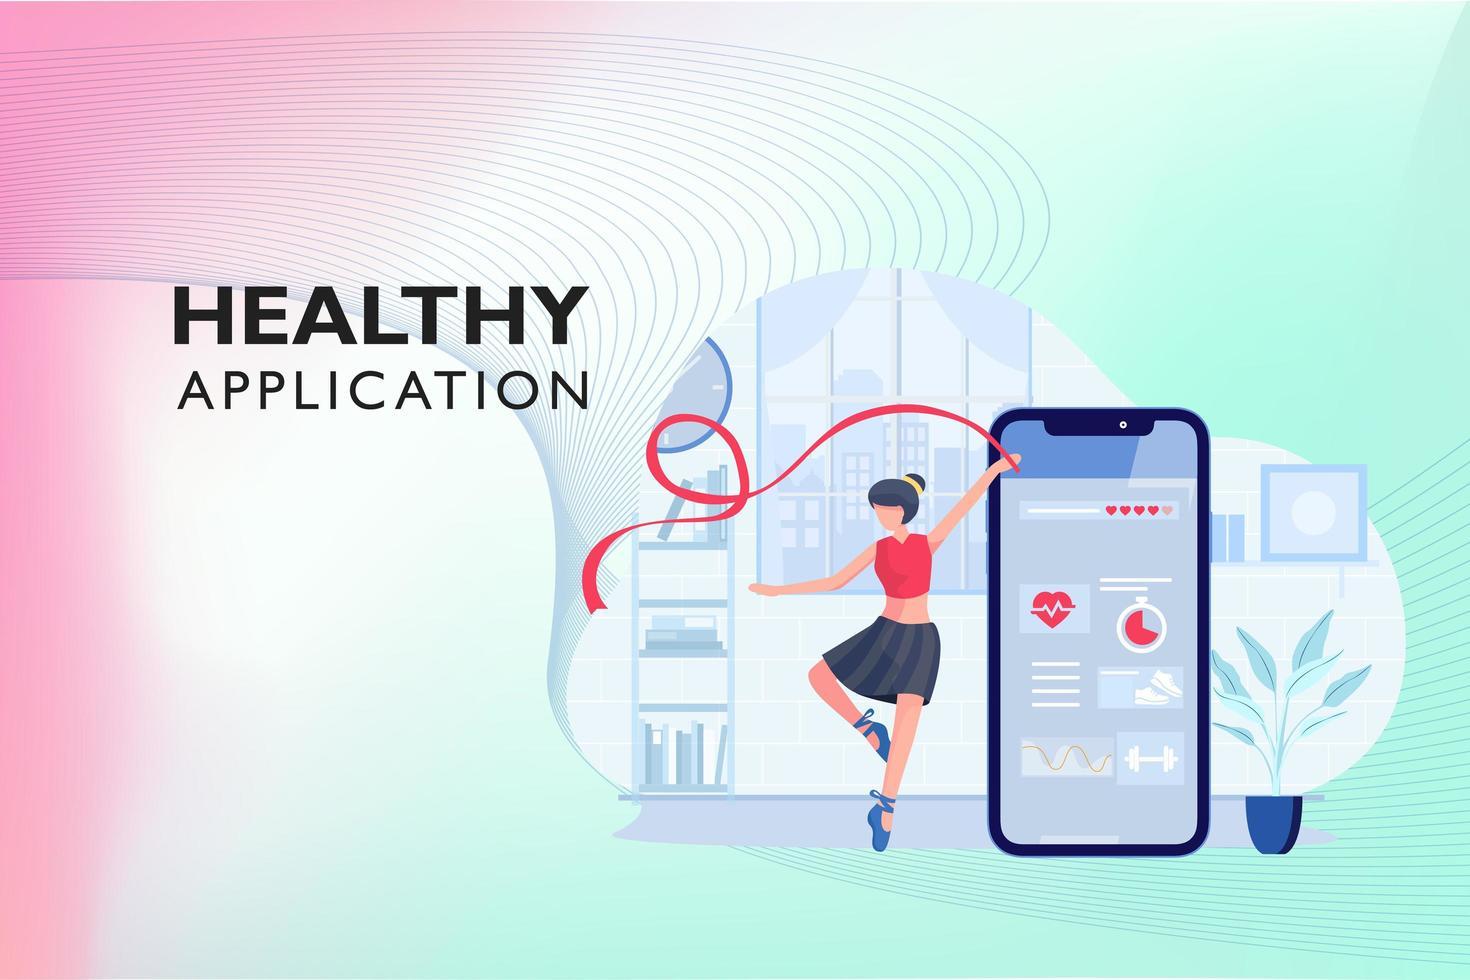 aplicación saludable para entrenamiento vector